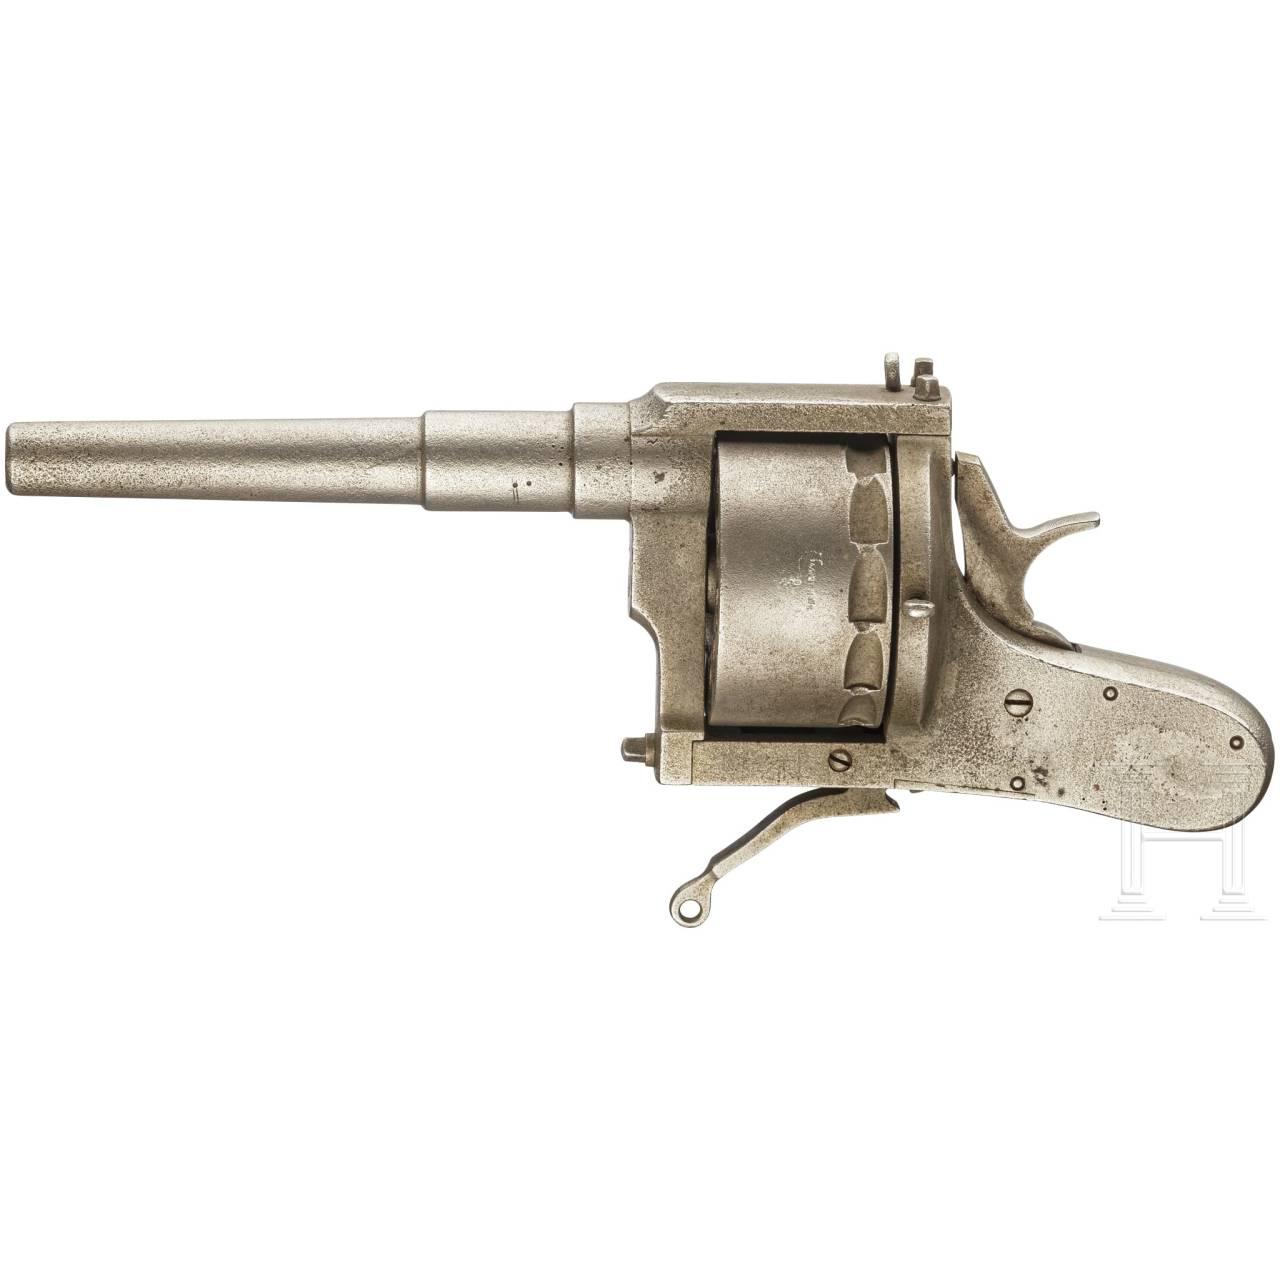 A ship revolver, circa 1900